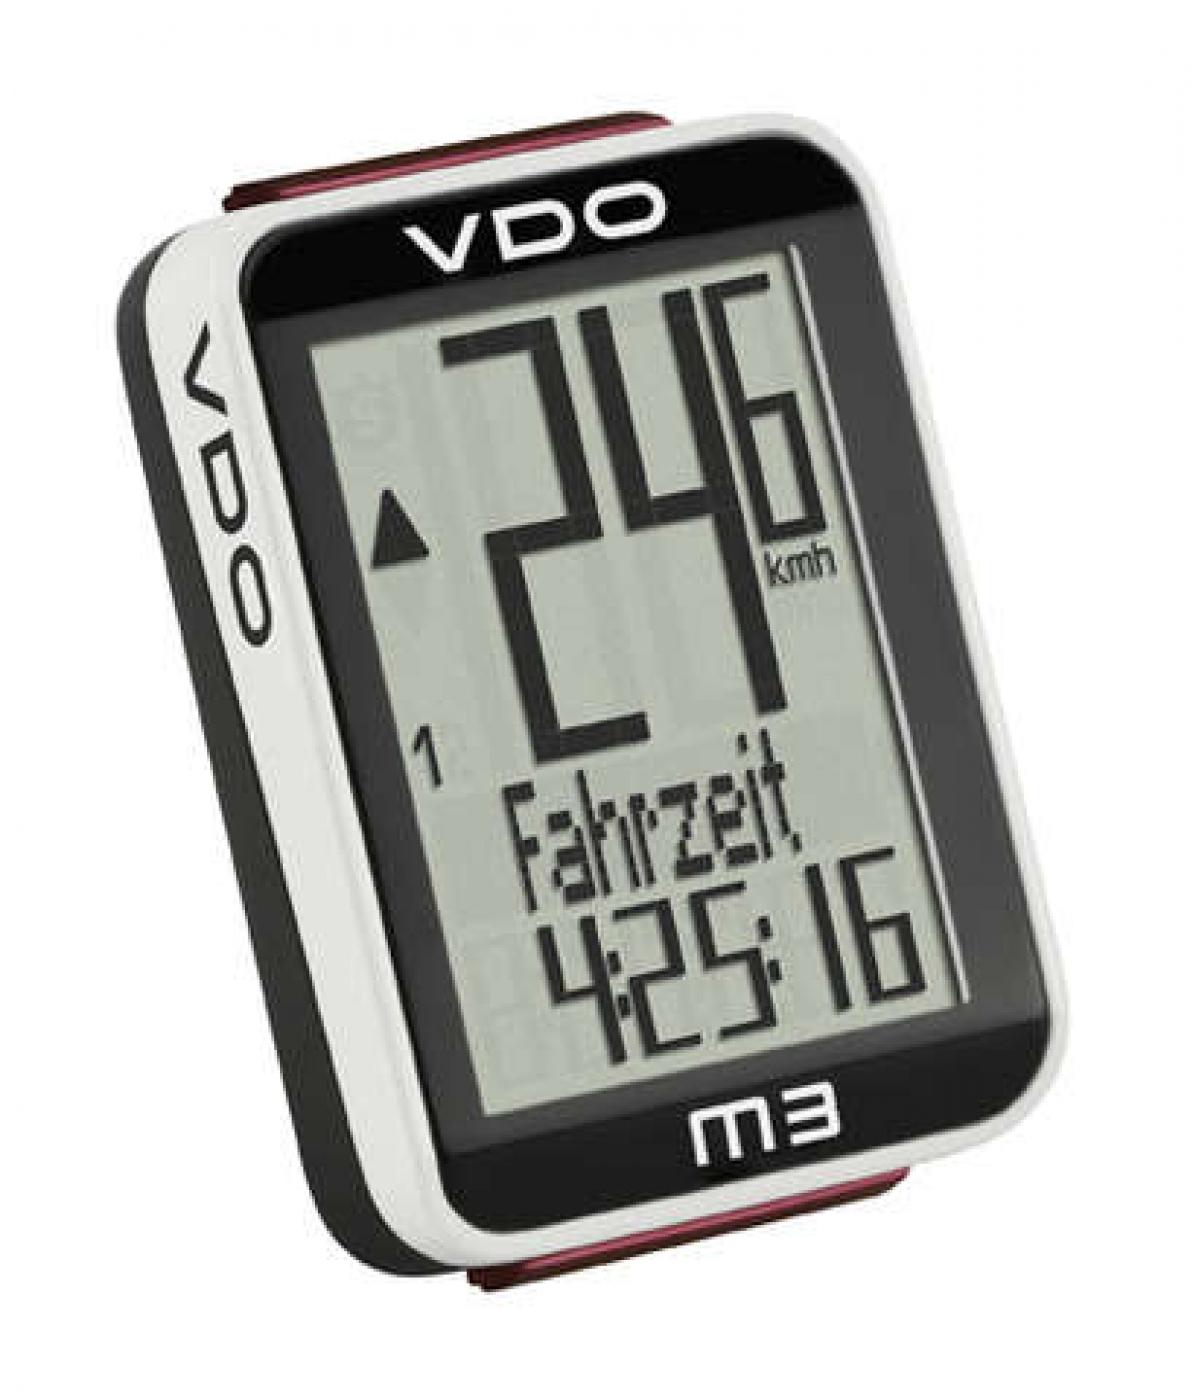 Fahrradcomputer von VDO für 10€ (Black-Friday-Angebot)